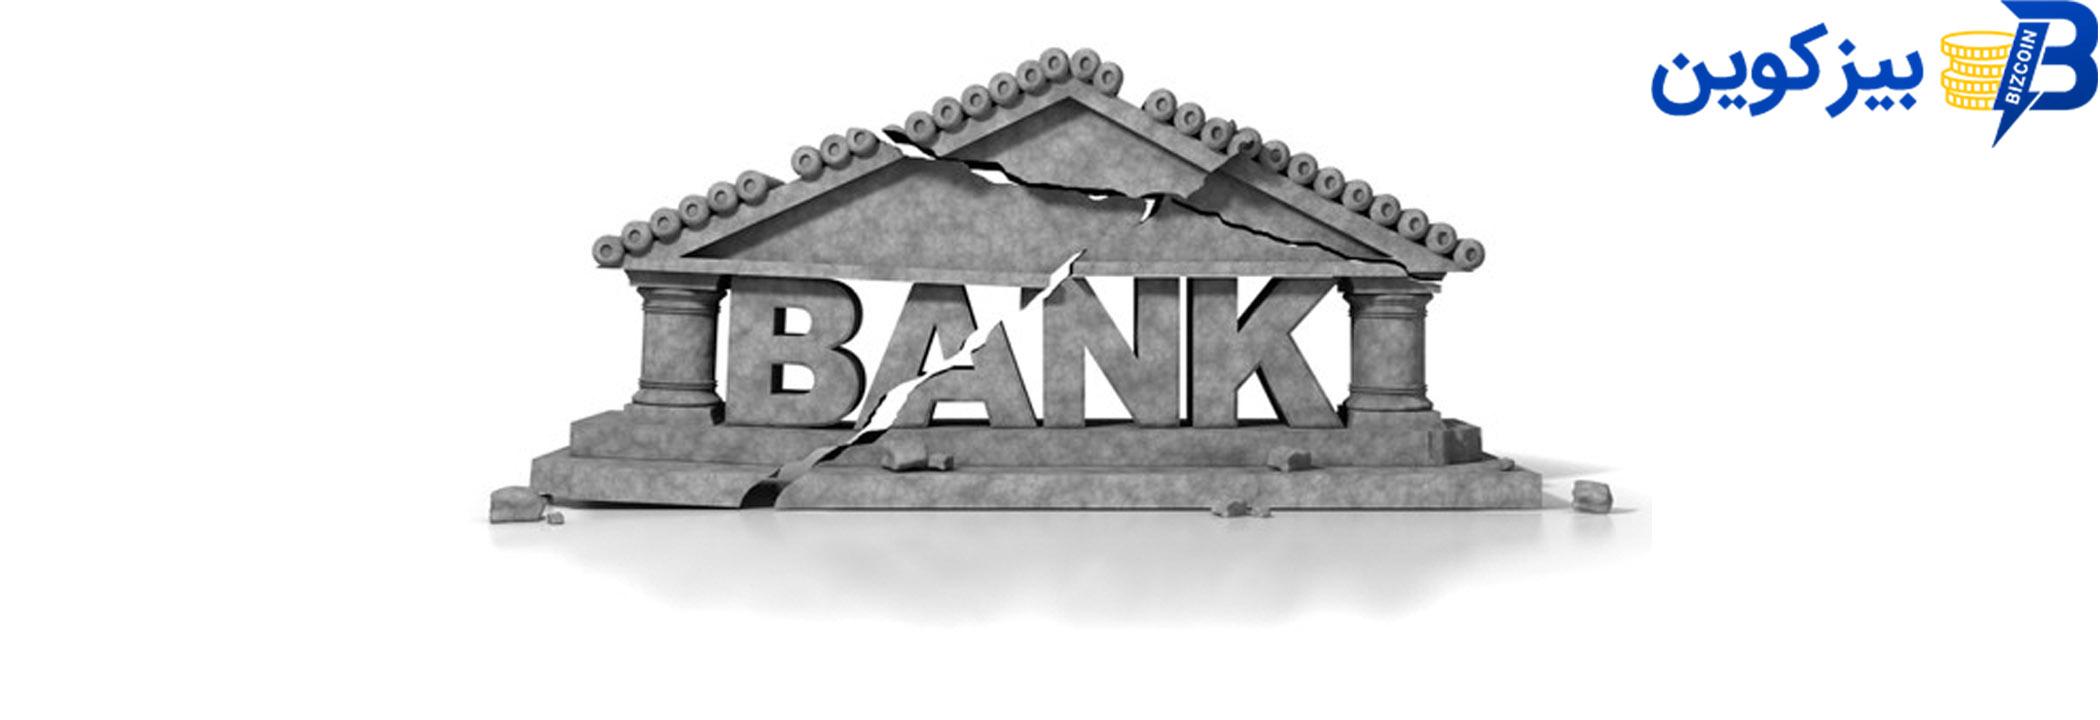 بانک1 ویروس کرونا یک بانک آمریکایی را به تعطیل کرد!